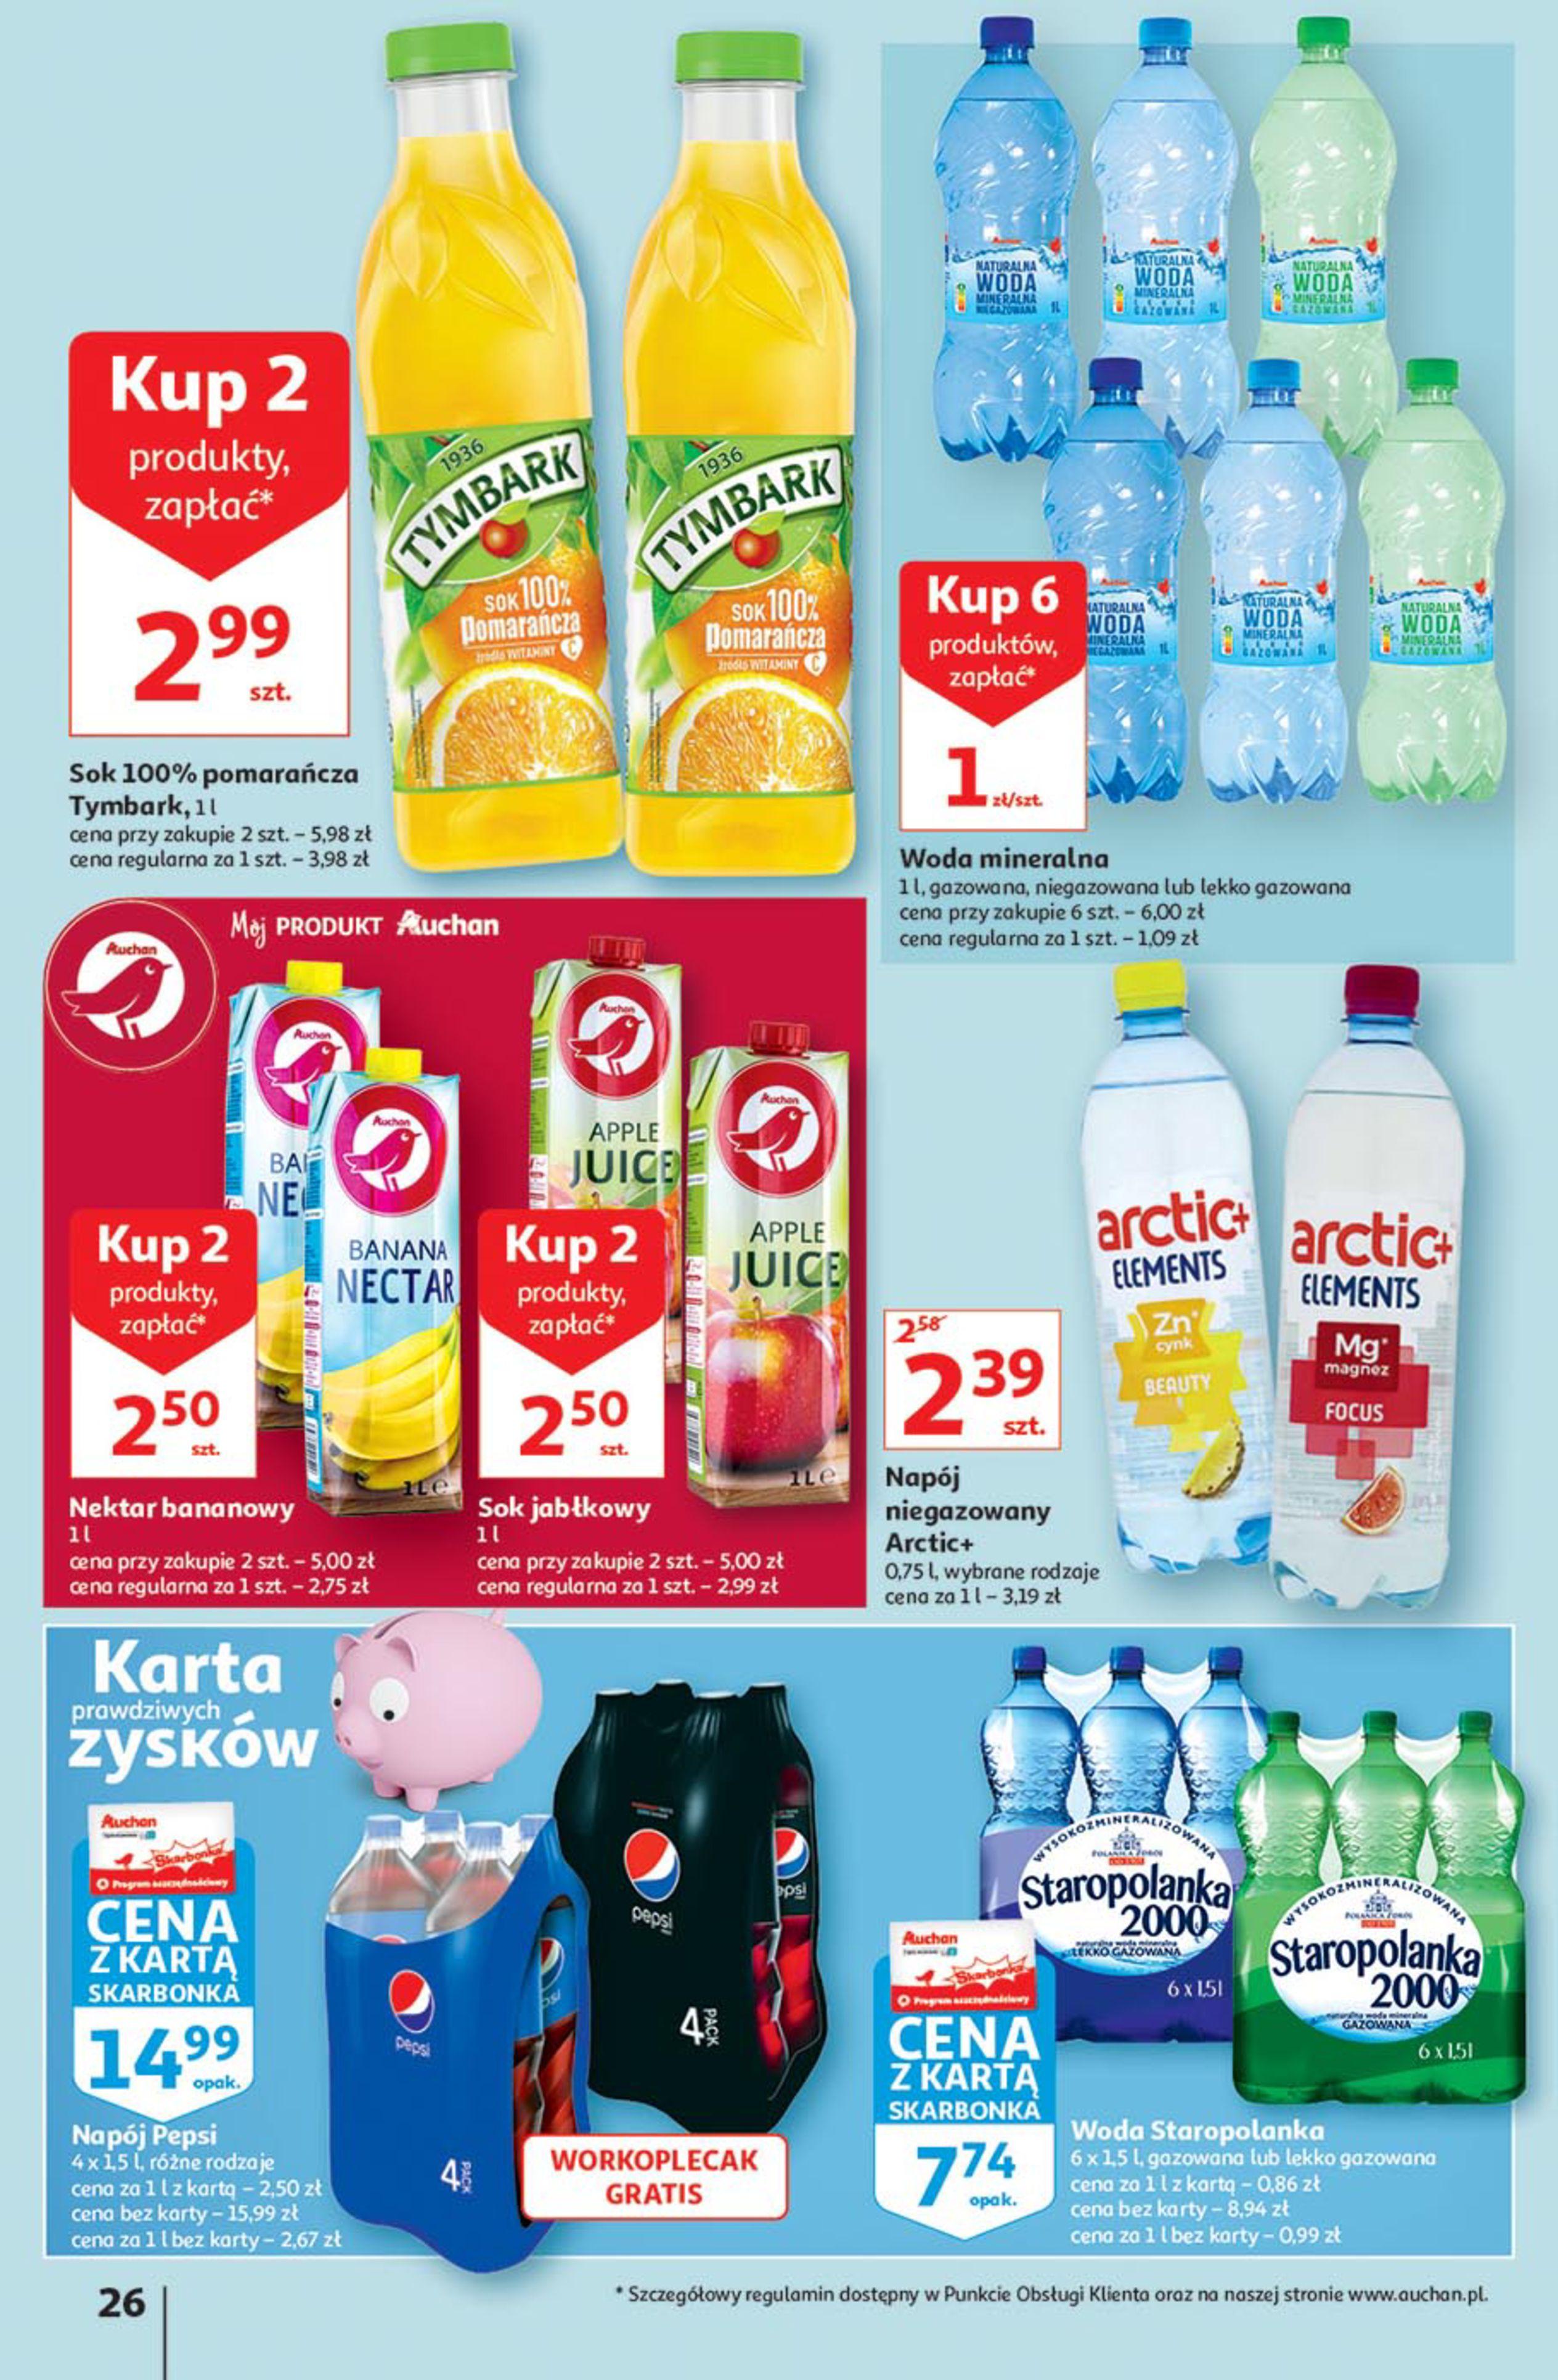 Gazetka Auchan: Gazetka Auchan - Euro 2020 2021-06-10 page-26